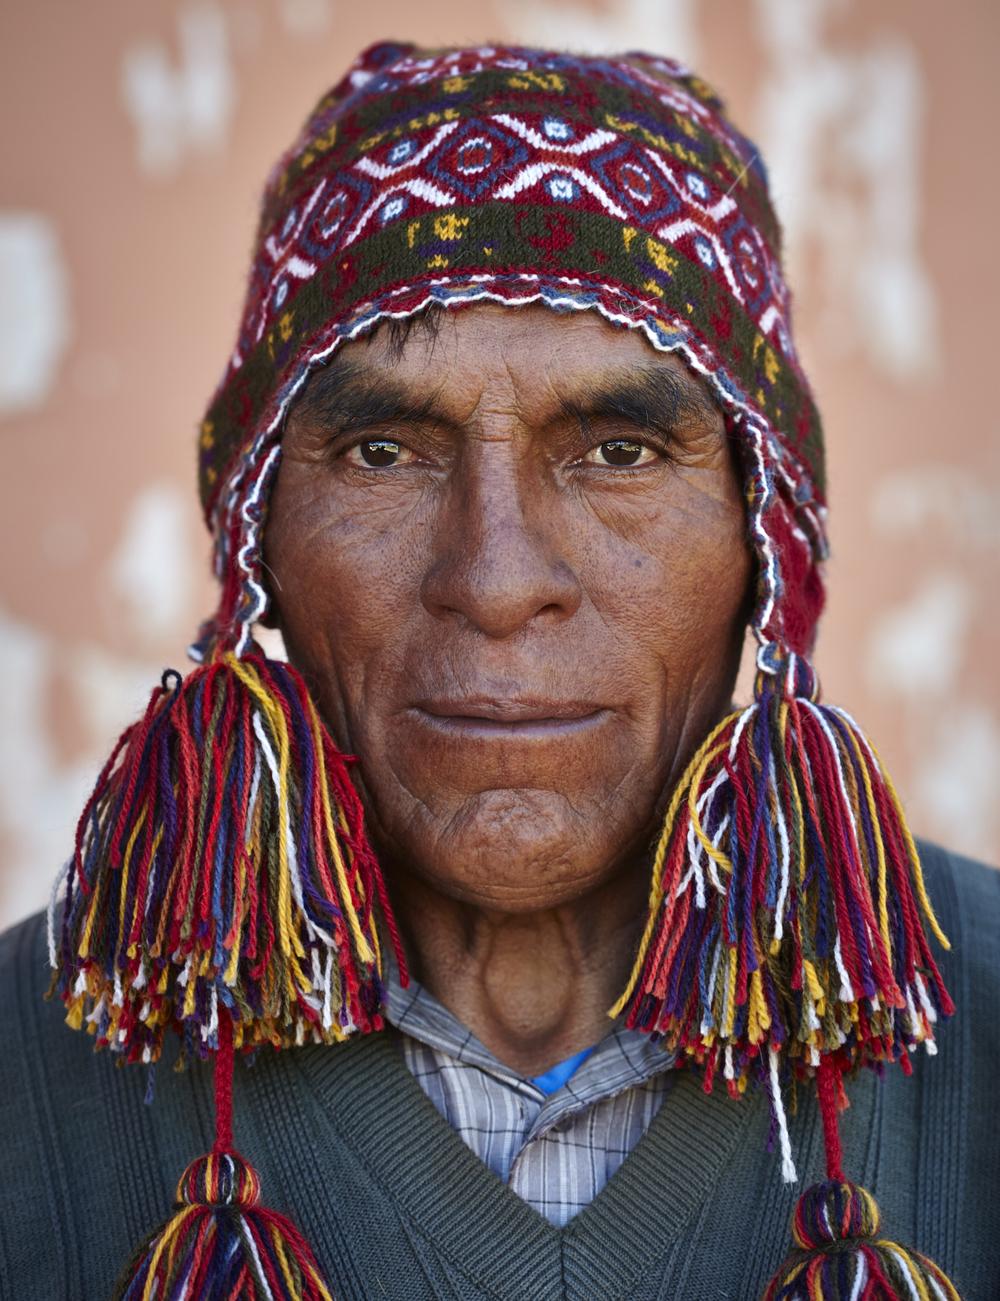 NG_Peru_0916-Web.jpg